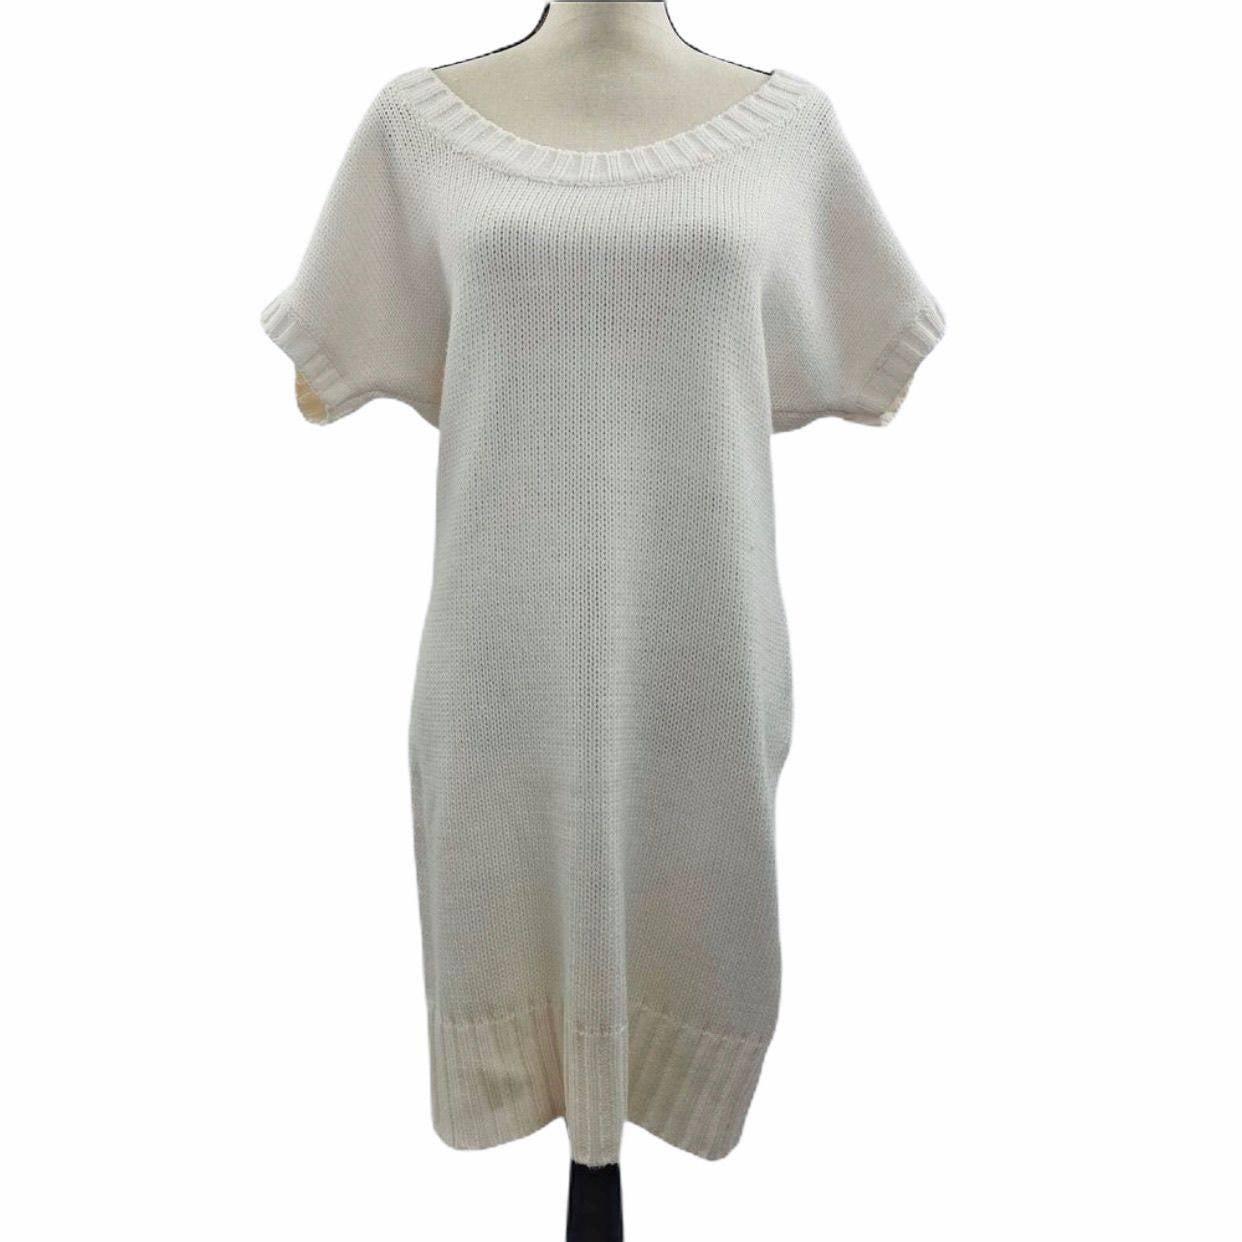 a.n.a A New Approach Cream Sweater Dress